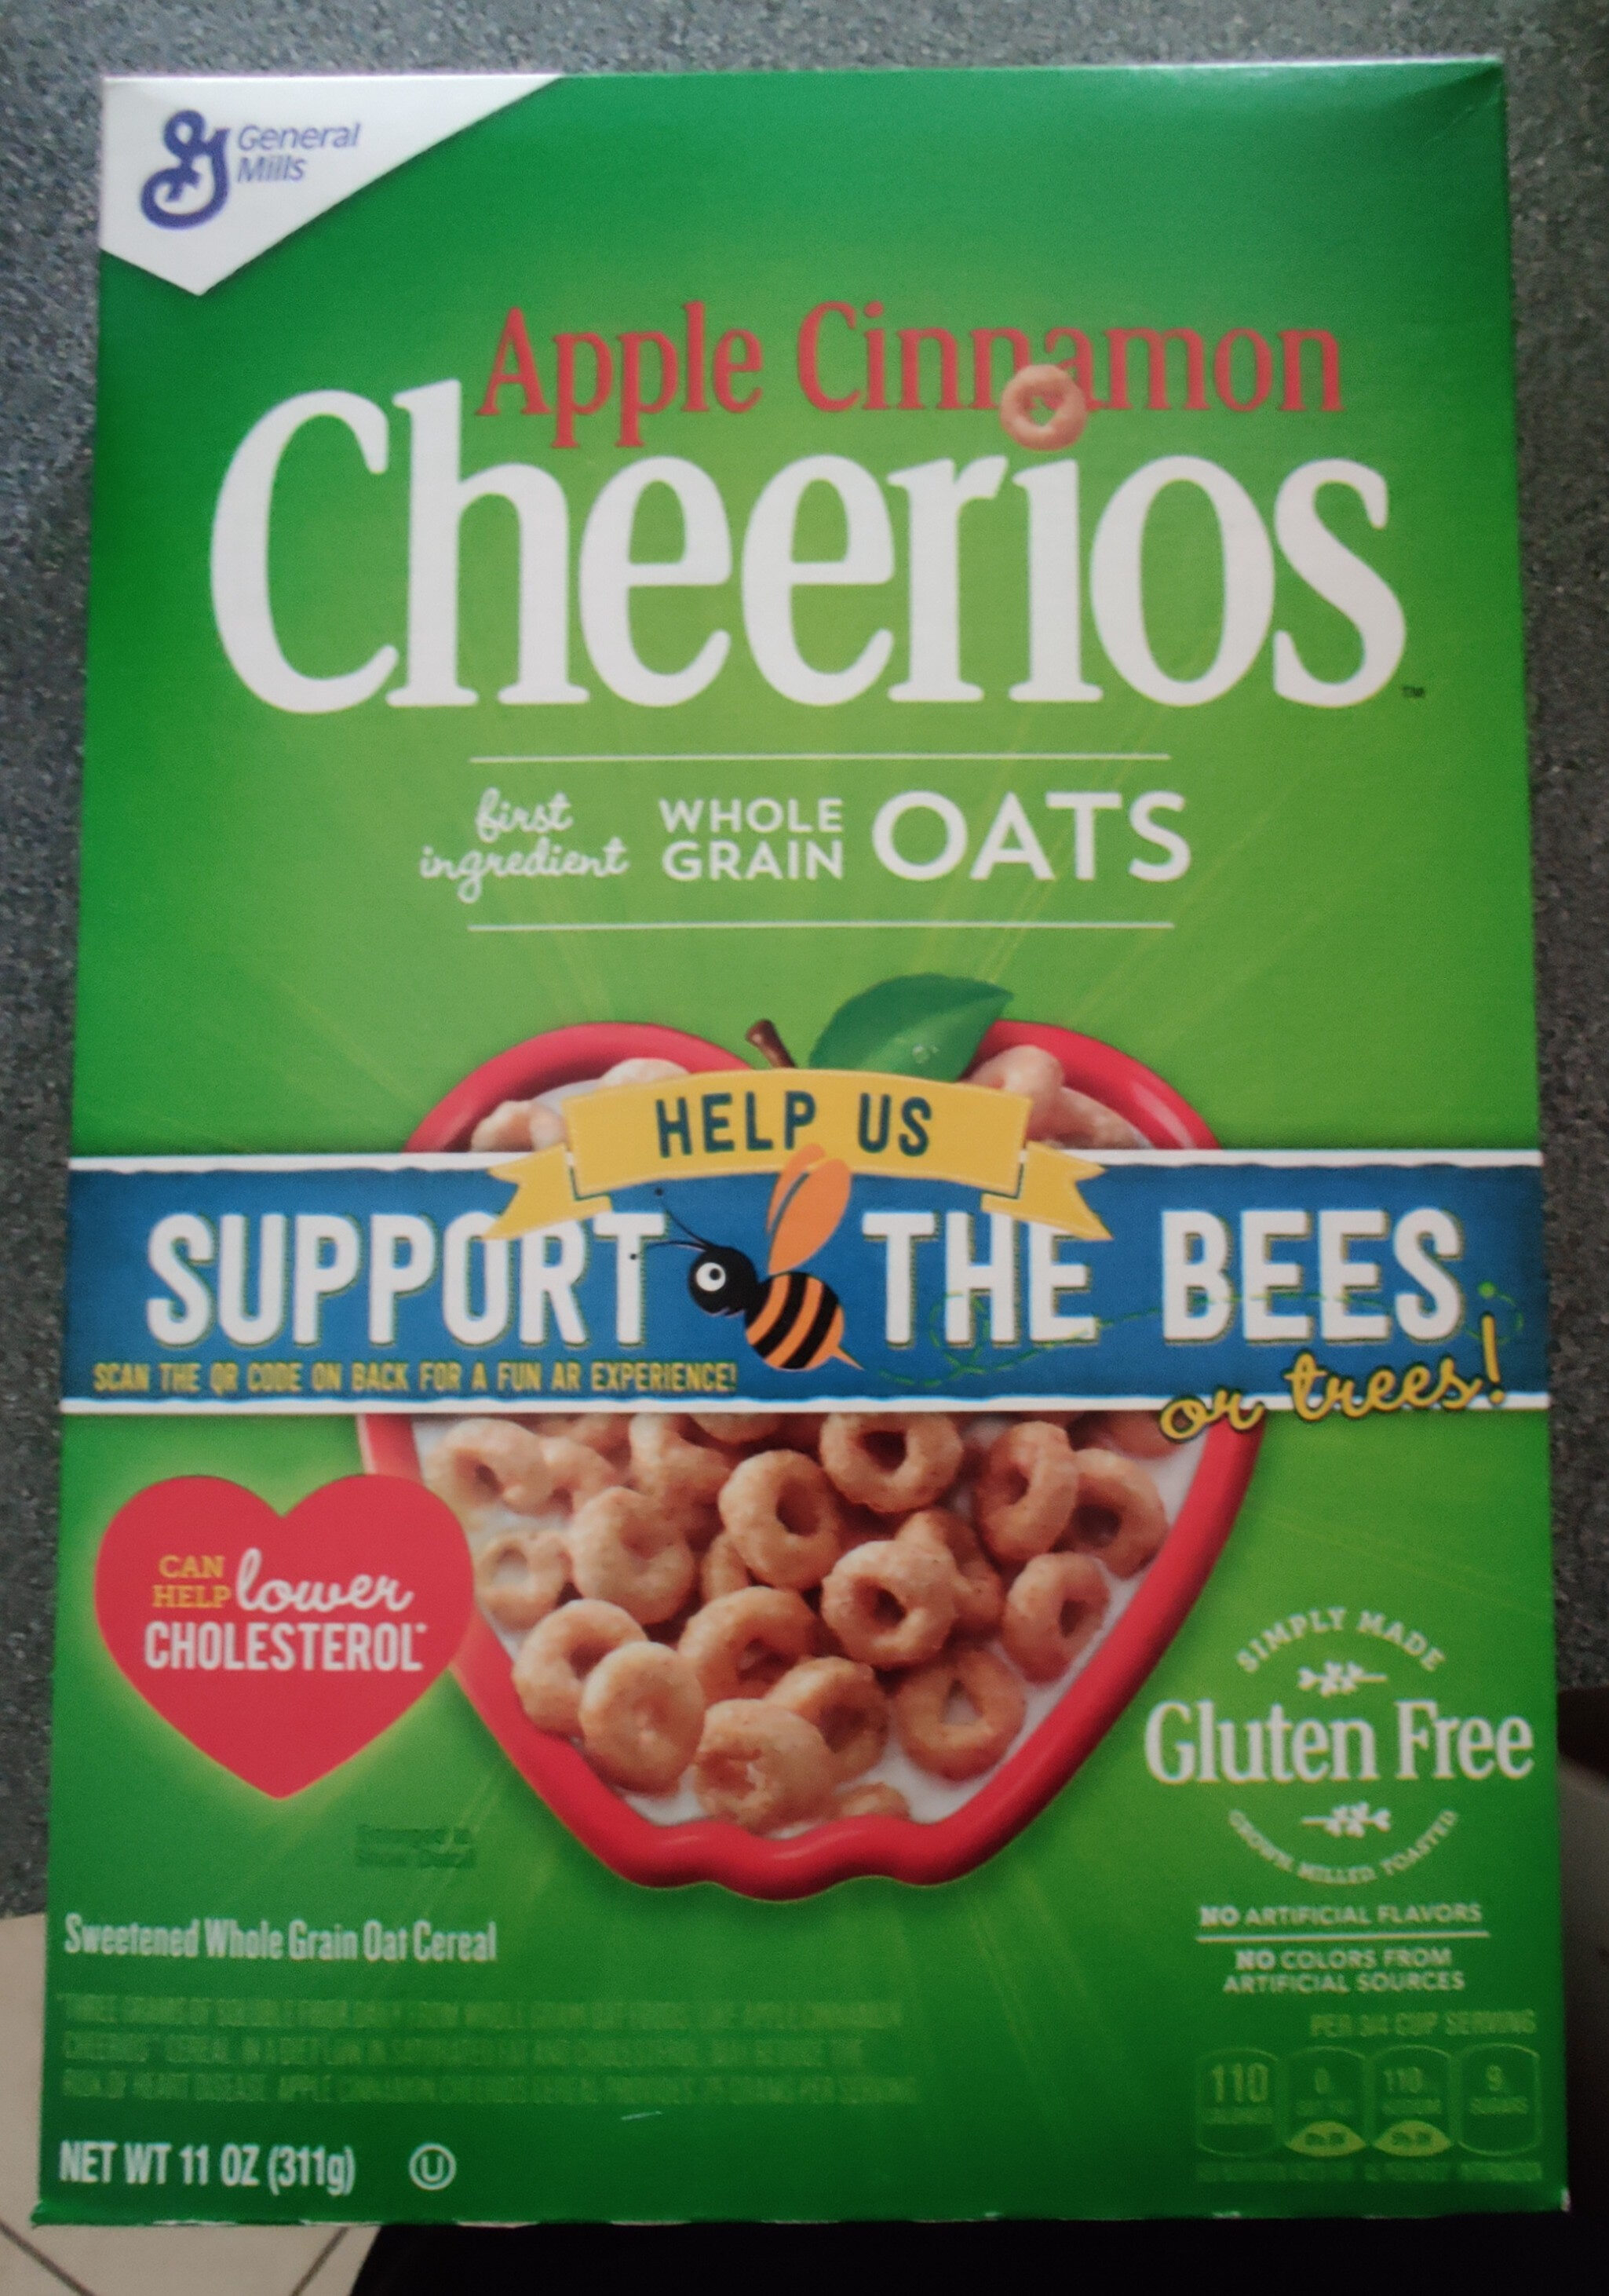 Apple Cinnamon Cheerios Cereal - Product - en